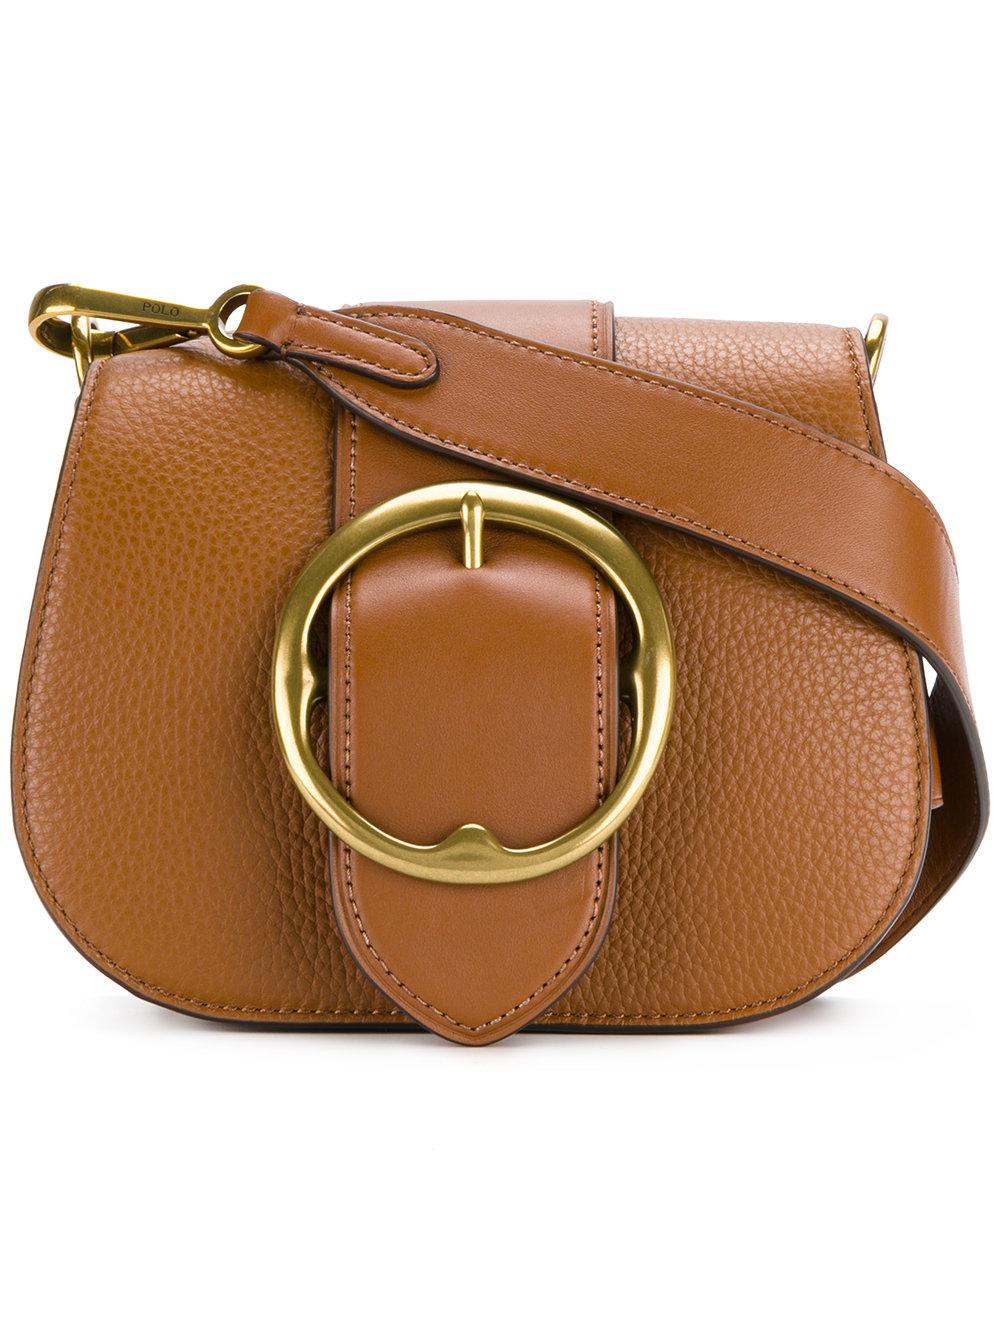 540efc4d2f Questa di Polo Ralph Lauren è stupenda. Peccato per la misura. E' tanto  piccola che il mio portafogli non ci entra.